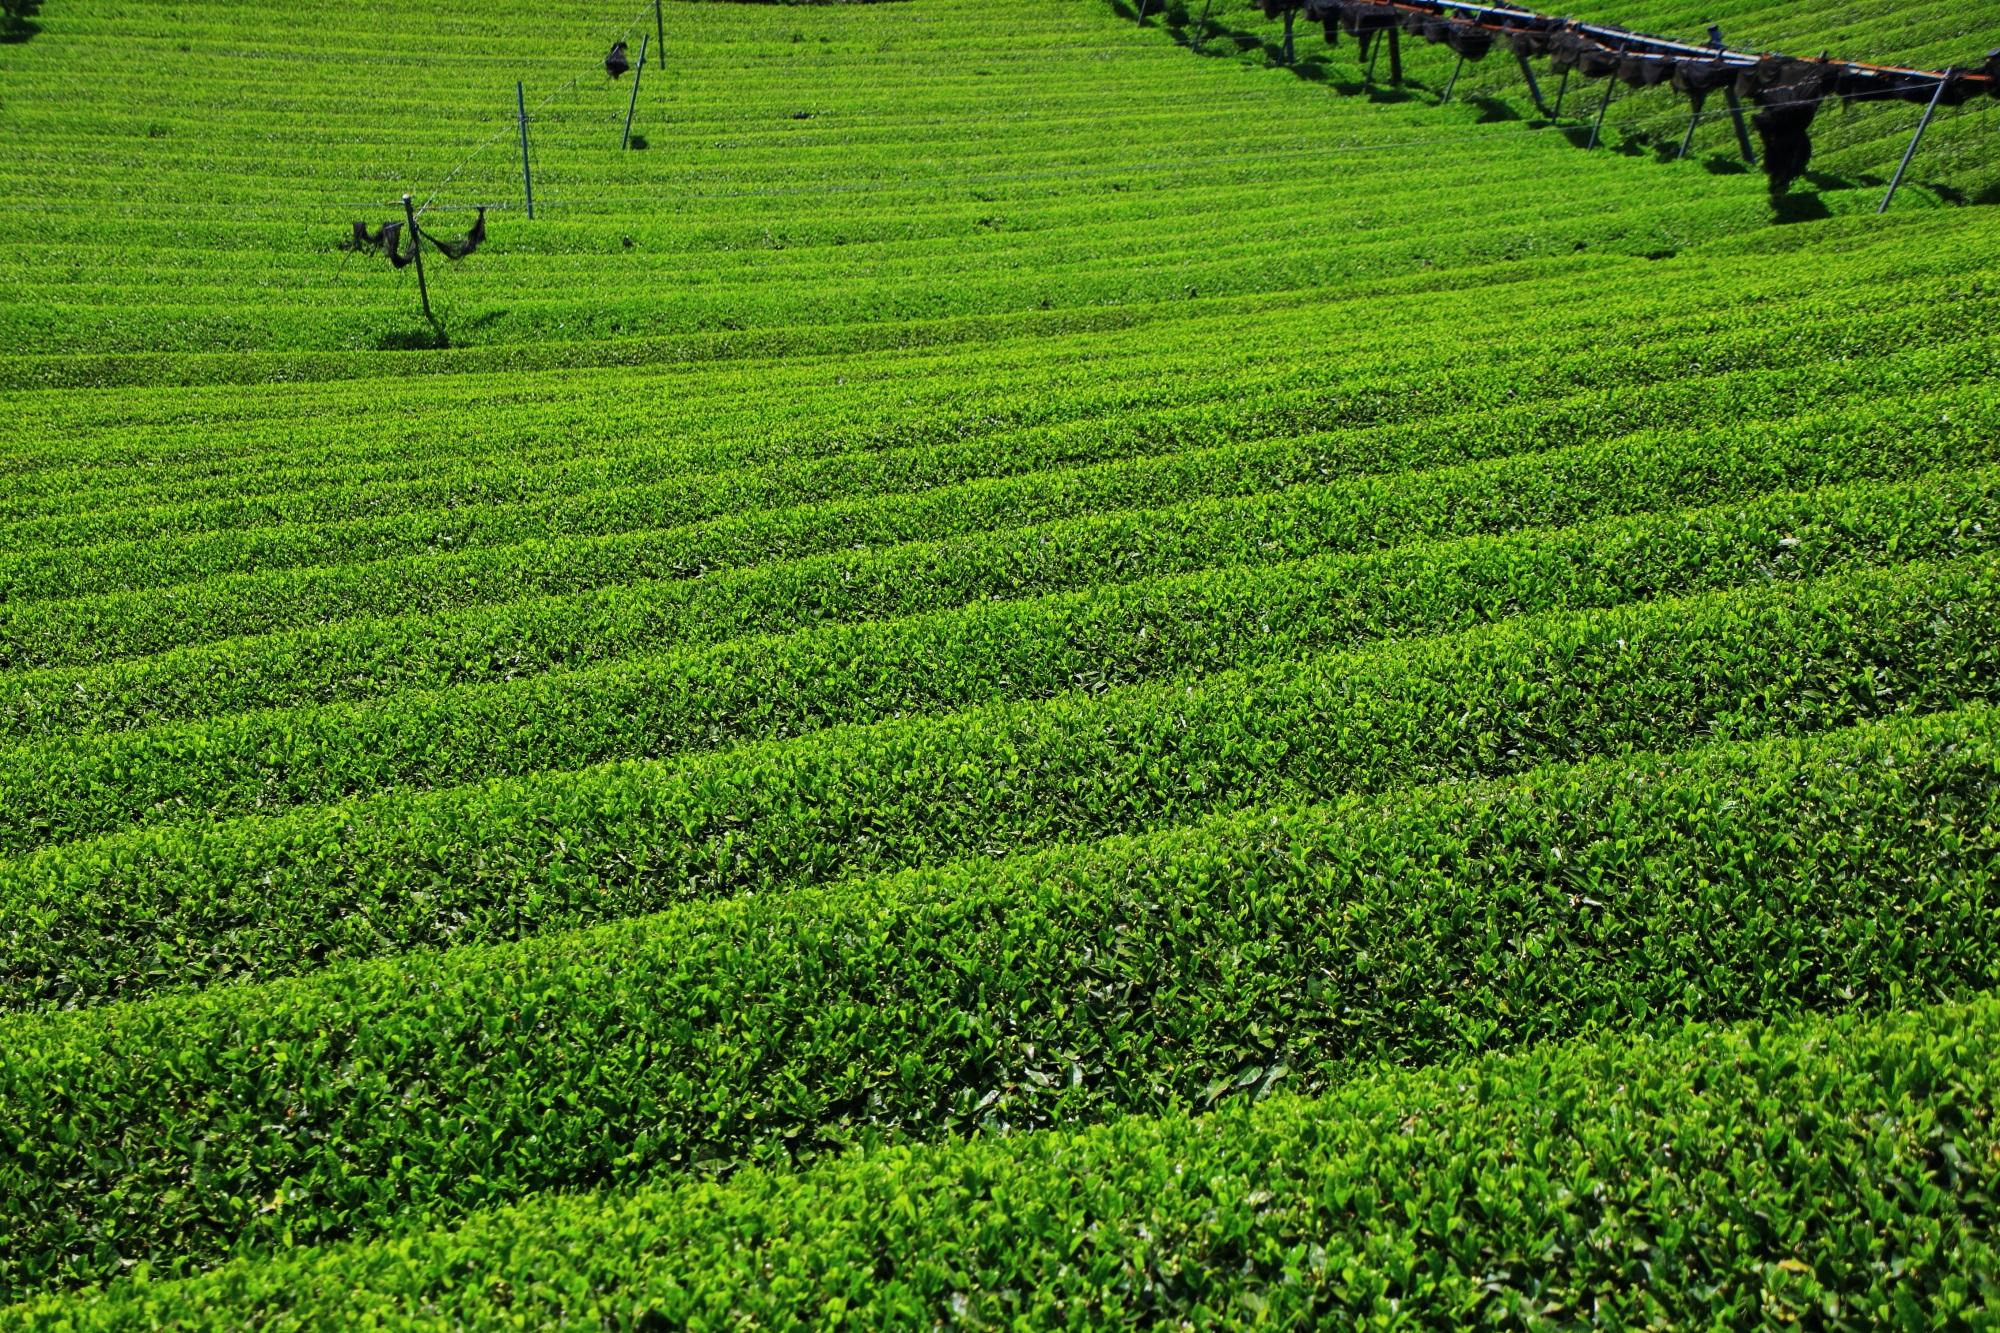 何重にも延々と続く綺麗なお茶畑ロール